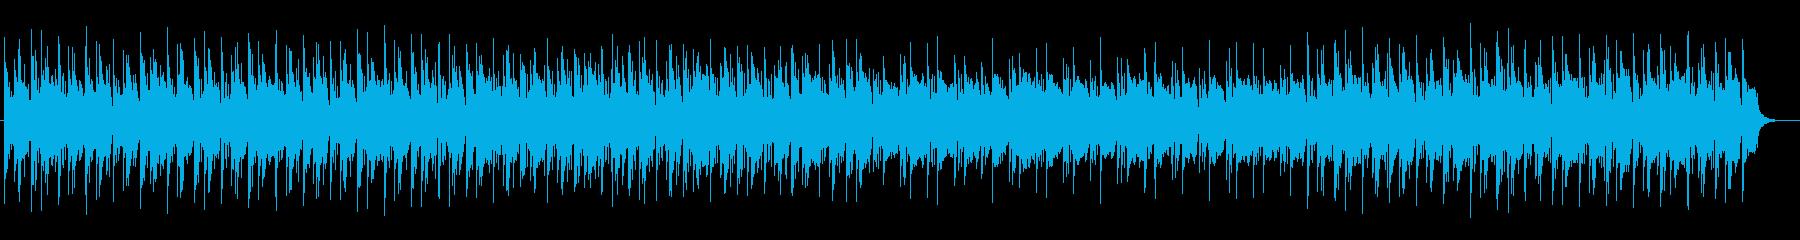 緊張感のあるピアノのリフレインの再生済みの波形